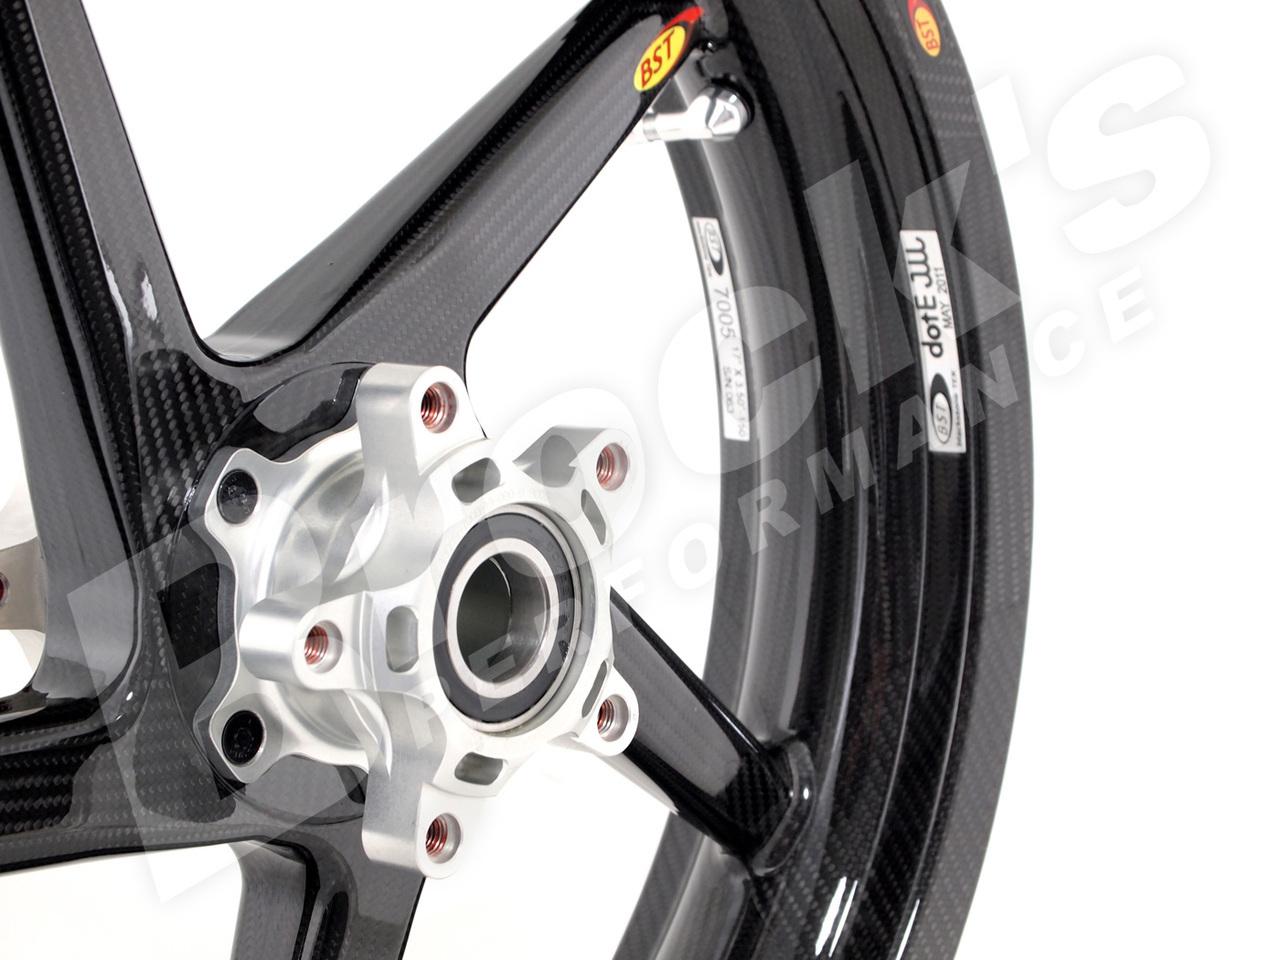 BST Diamond TEK 17 x 3.5 R+ Series Front Wheel - Suzuki GSX-R1000 (05-08) / GSX-R600/750 (06-07)